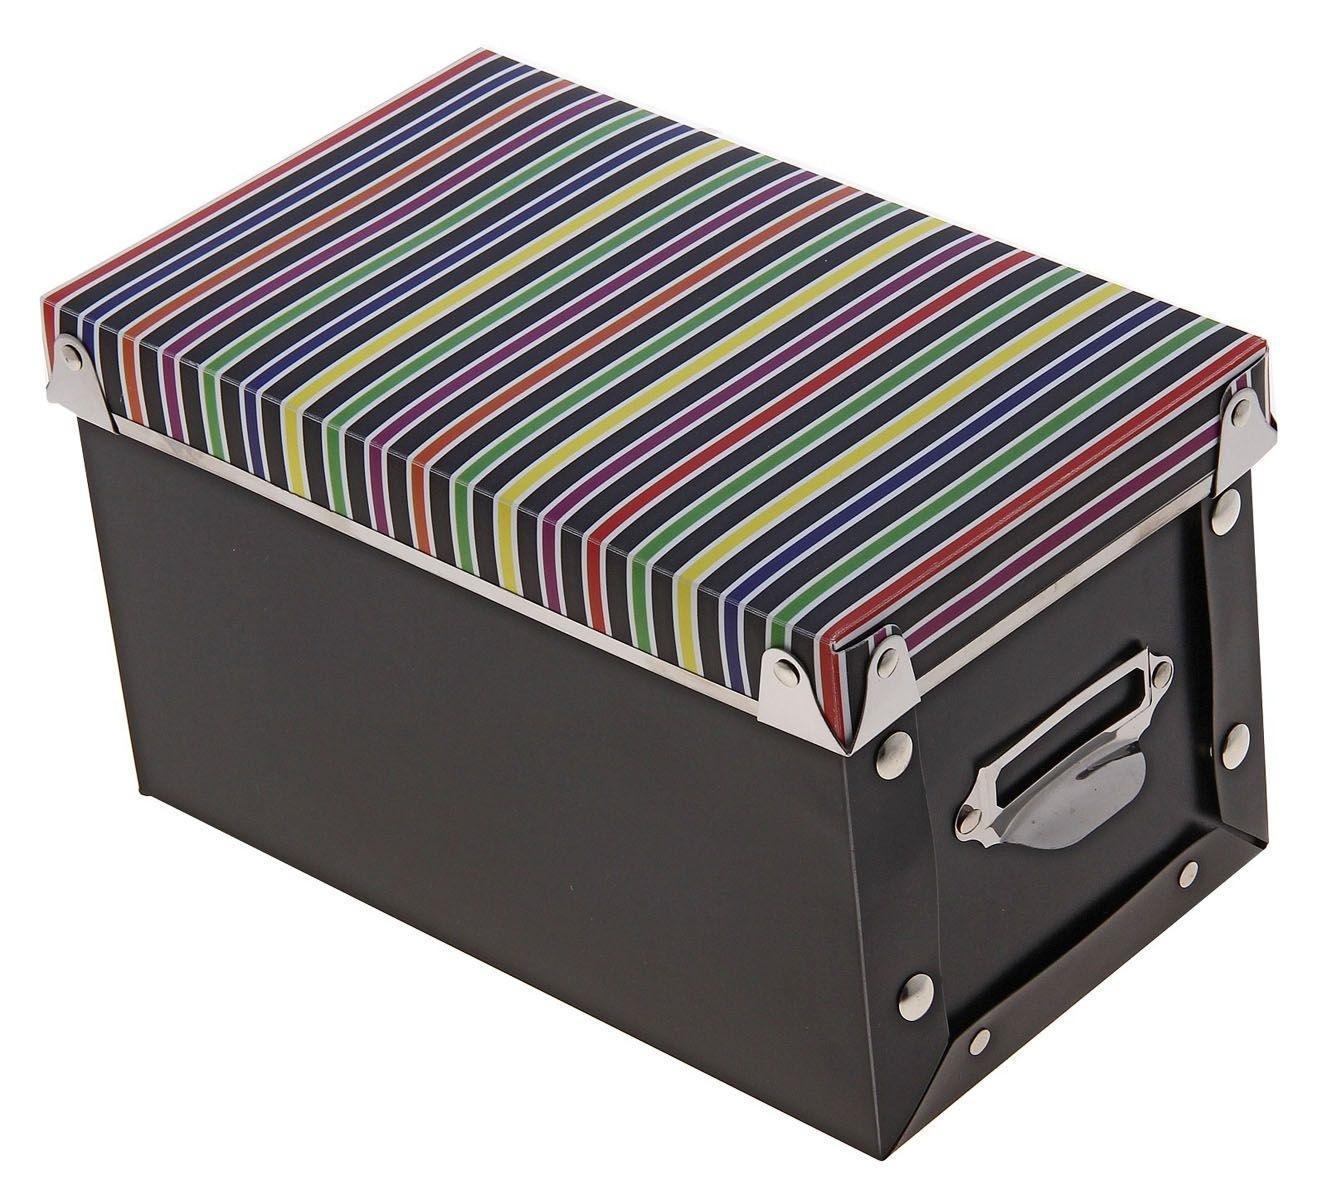 короб для хранения 22,5*13,5*13см полосы 7099746907099740005Коробка для мелочей изготовлена из прочного пластика. Предназначена для хранения мелких бытовых мелочей, принадлежностей для шитья и т.д. Коробка оснащена плотно закрывающейся крышкой, которая предотвратит просыпание и потерю мелких вещиц. Коробка для мелочей сохранит ваши вещи в порядке.